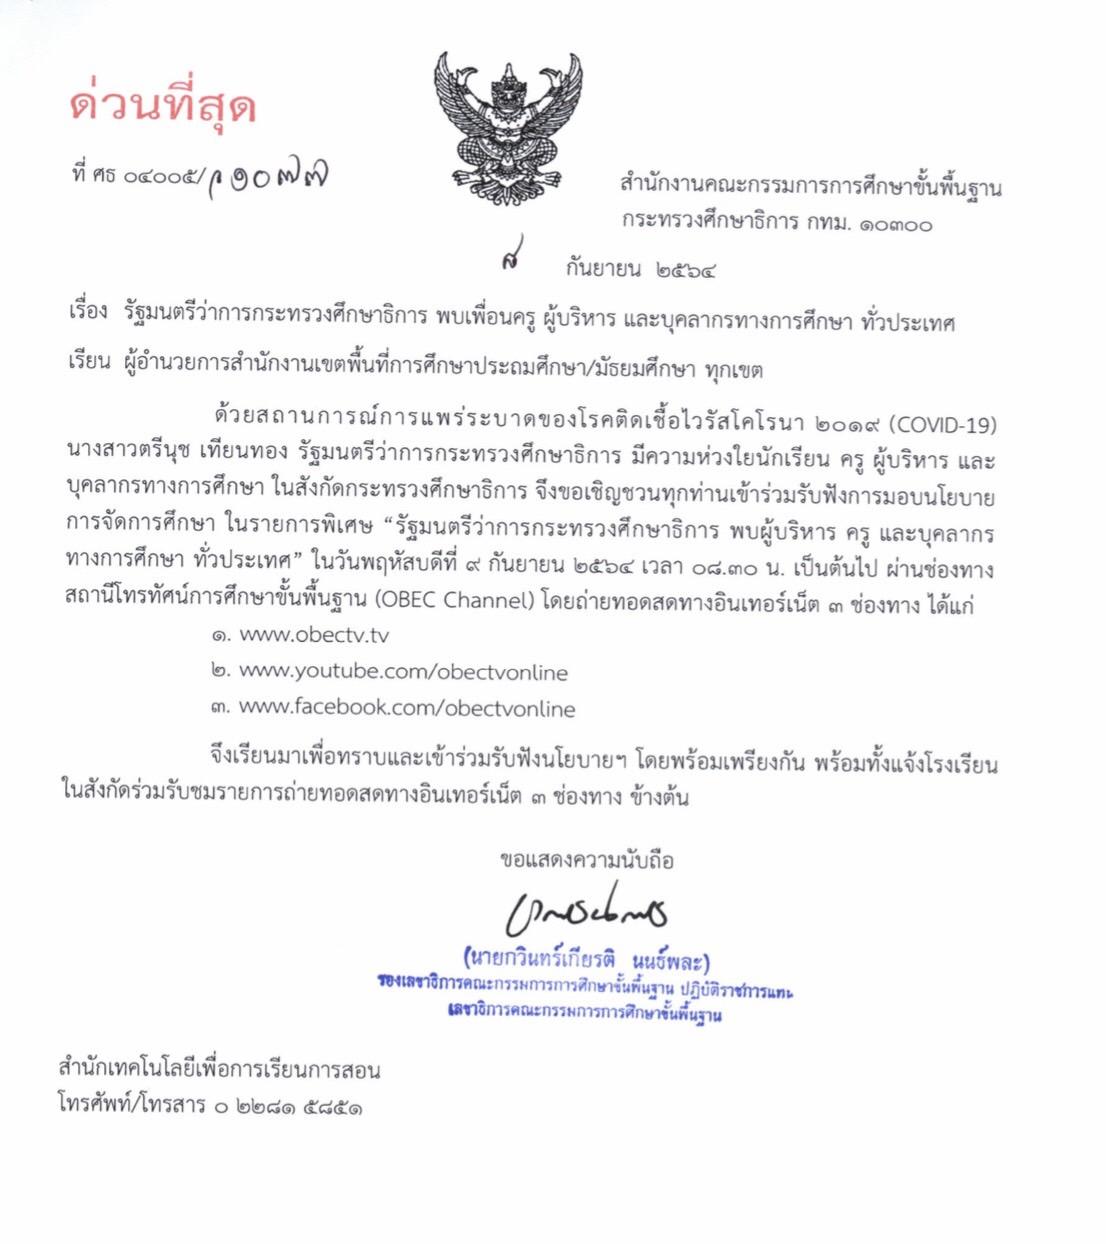 """ศธ.ขอเชิญรับชมถ่ายทอดสด รัฐมนตรีว่าการกระทรวงศึกษาธิการ พบเพื่อนครู ผู้บริหาร บุคลากรทางการศึกษาทั่วประเทศ"""" ในวันพฤหัสบดีที่ 9 กันยายน 2564"""